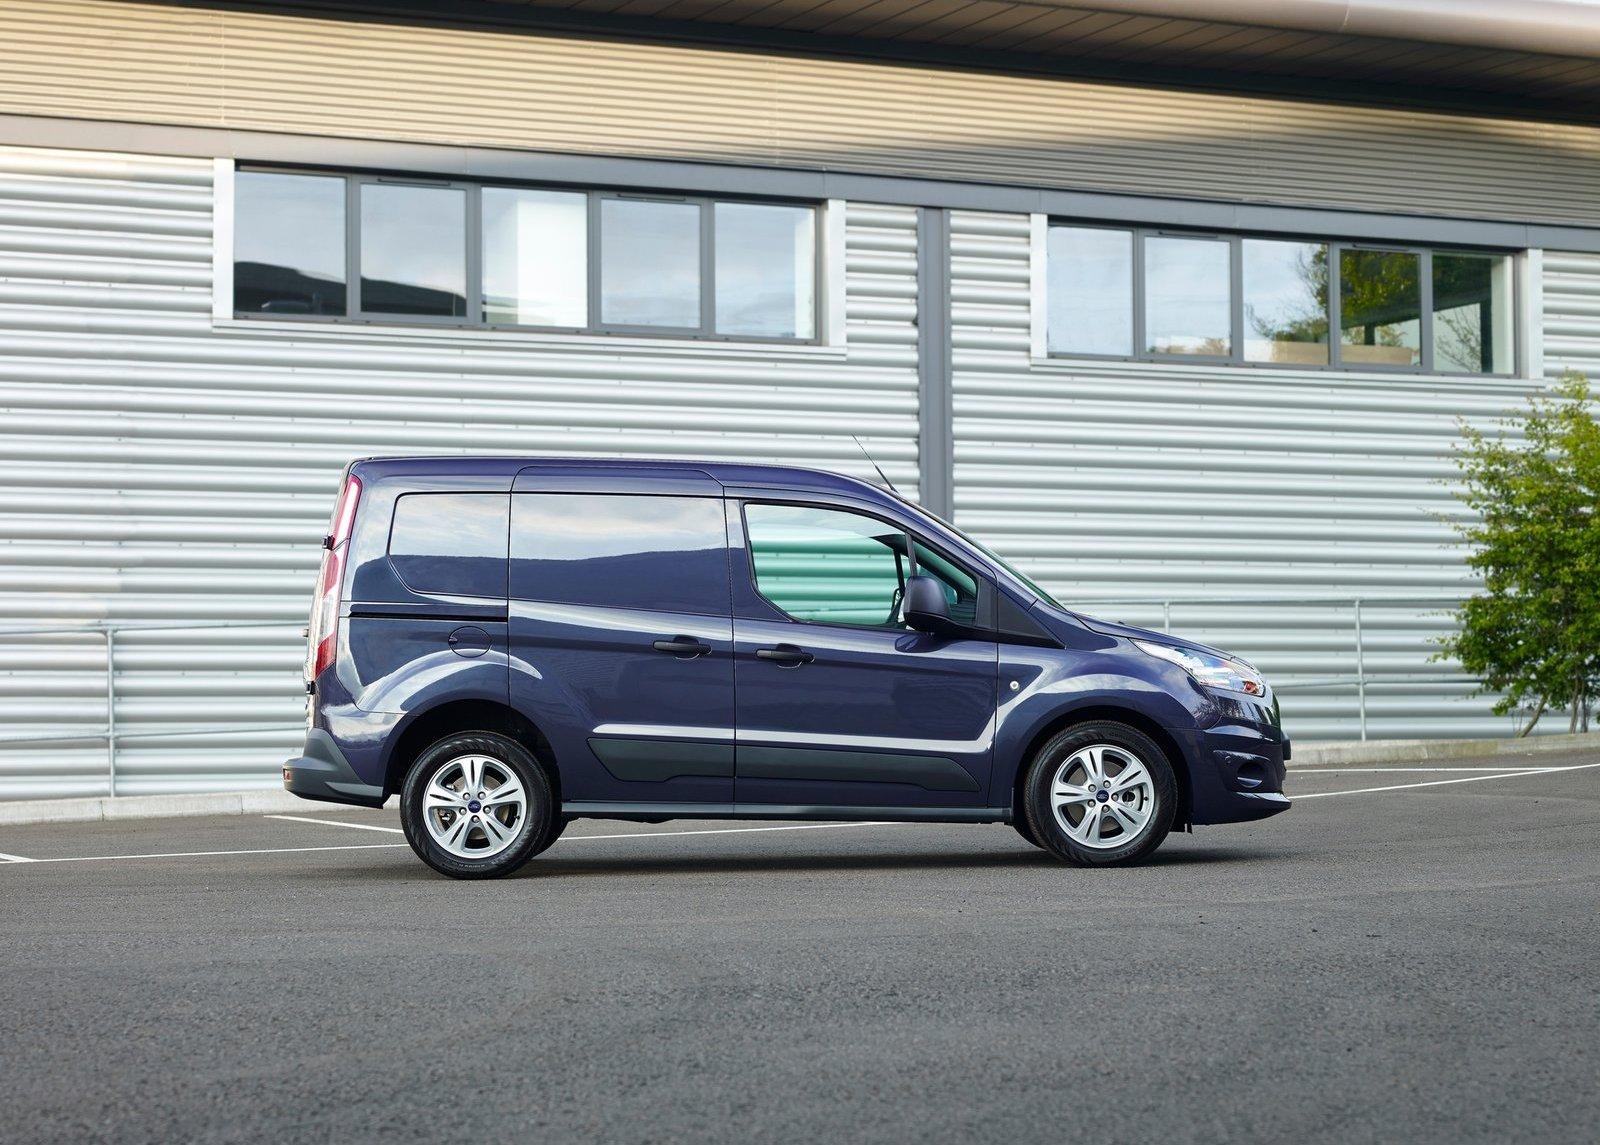 2014 Ford Transit Connect Van İngiltere De Fiyatlandırıldı